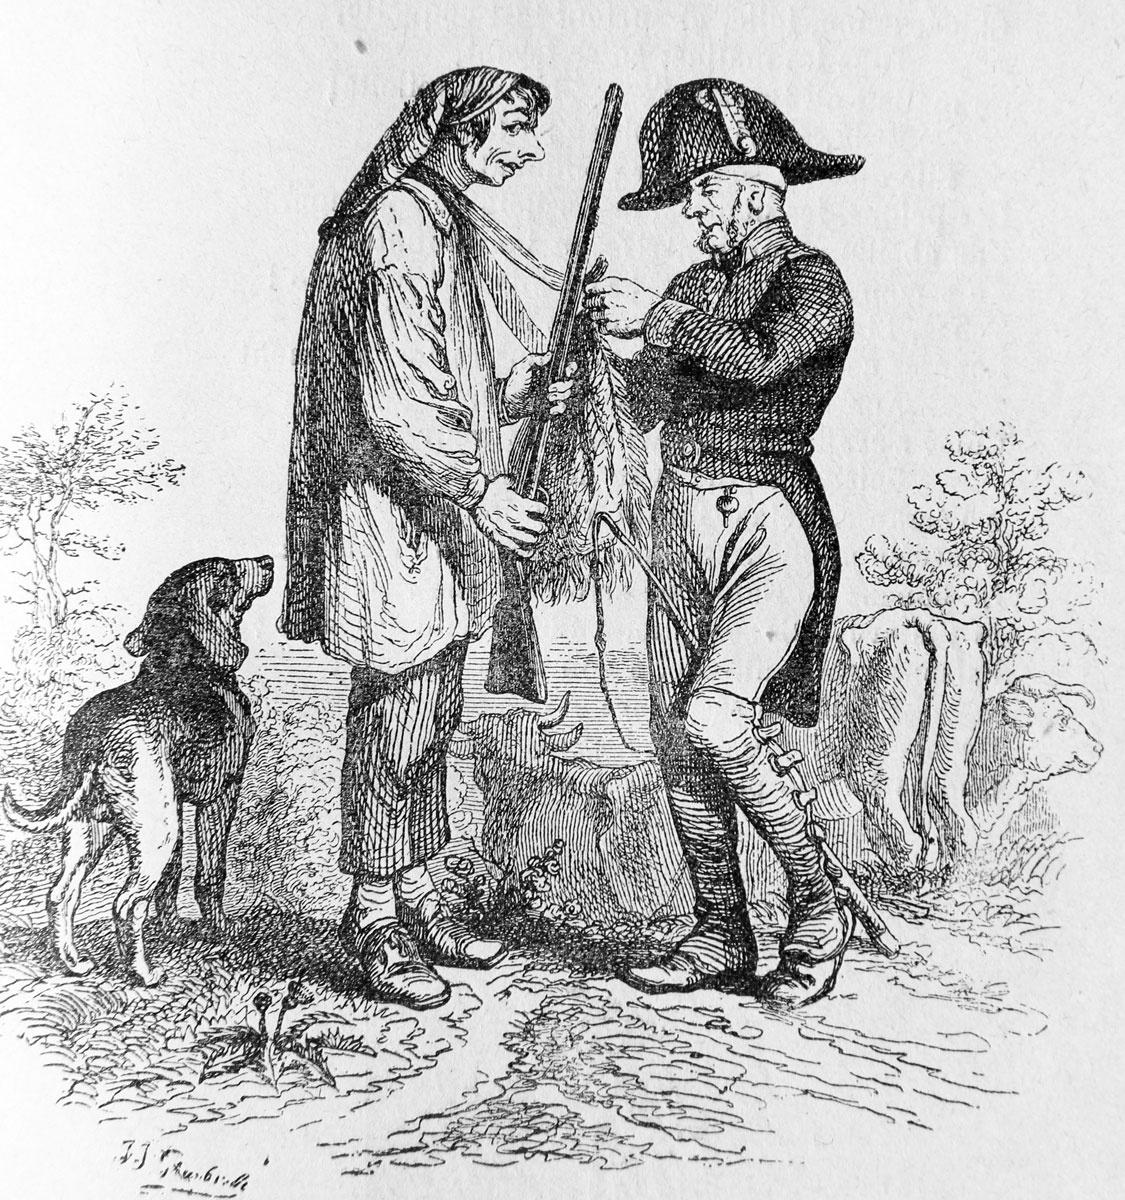 Жан Иньяс Изидор (Жерар) Гранвиль. Пастух и Егерь. Иллюстрации к басням Флориана